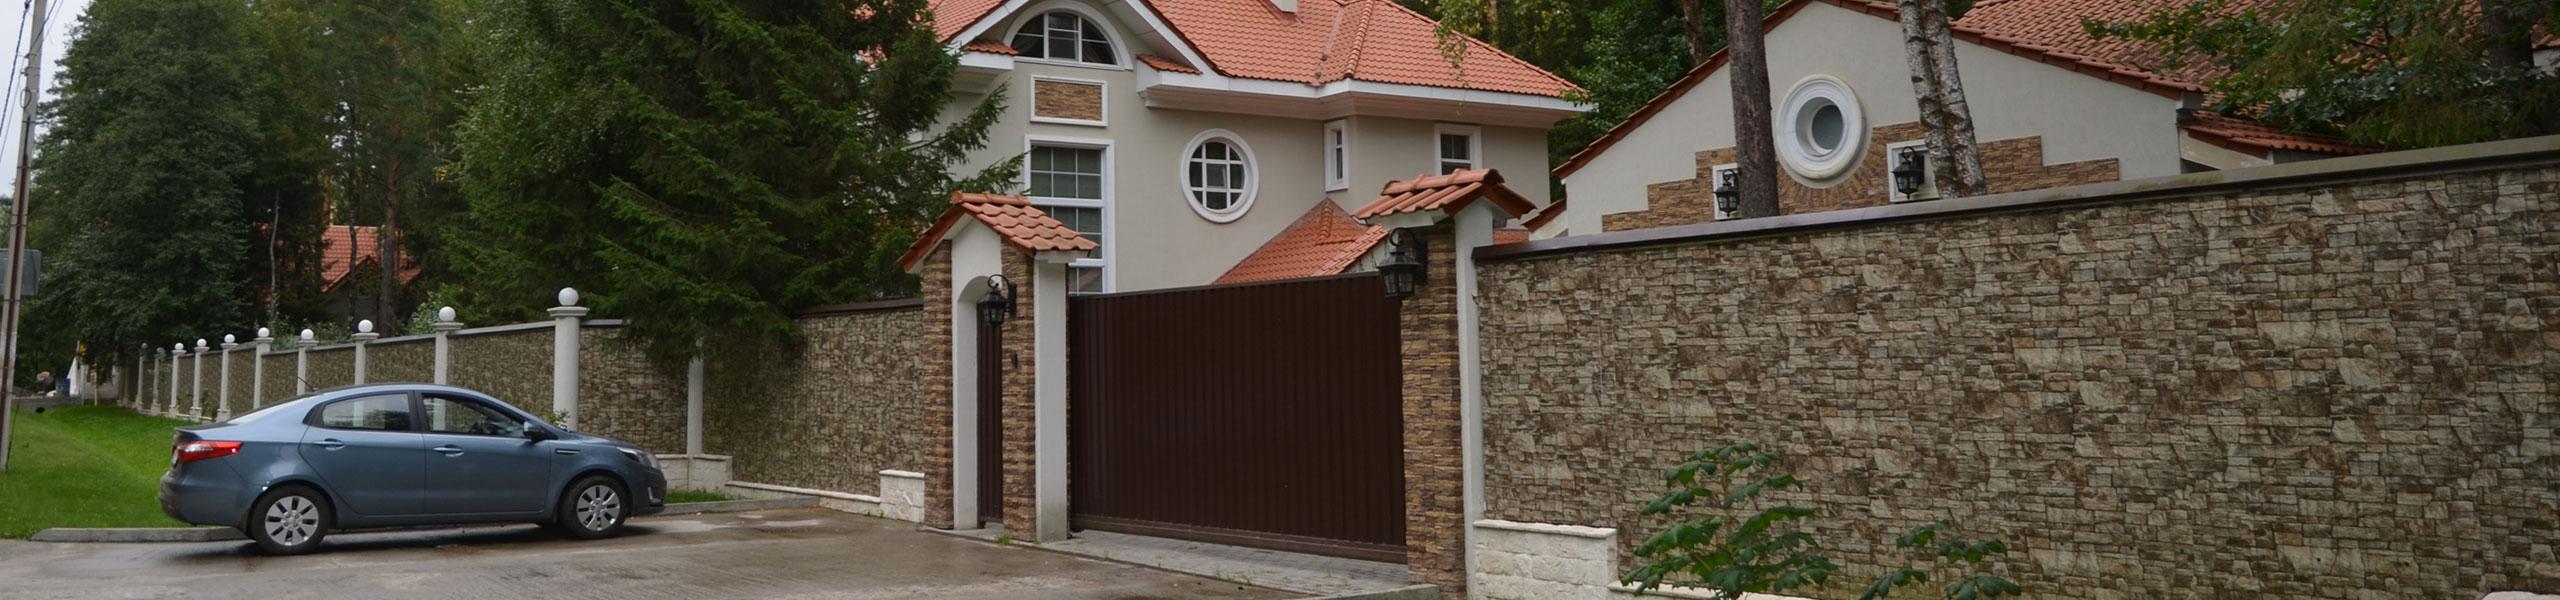 Дом под ключ в Москве и Подмосковье